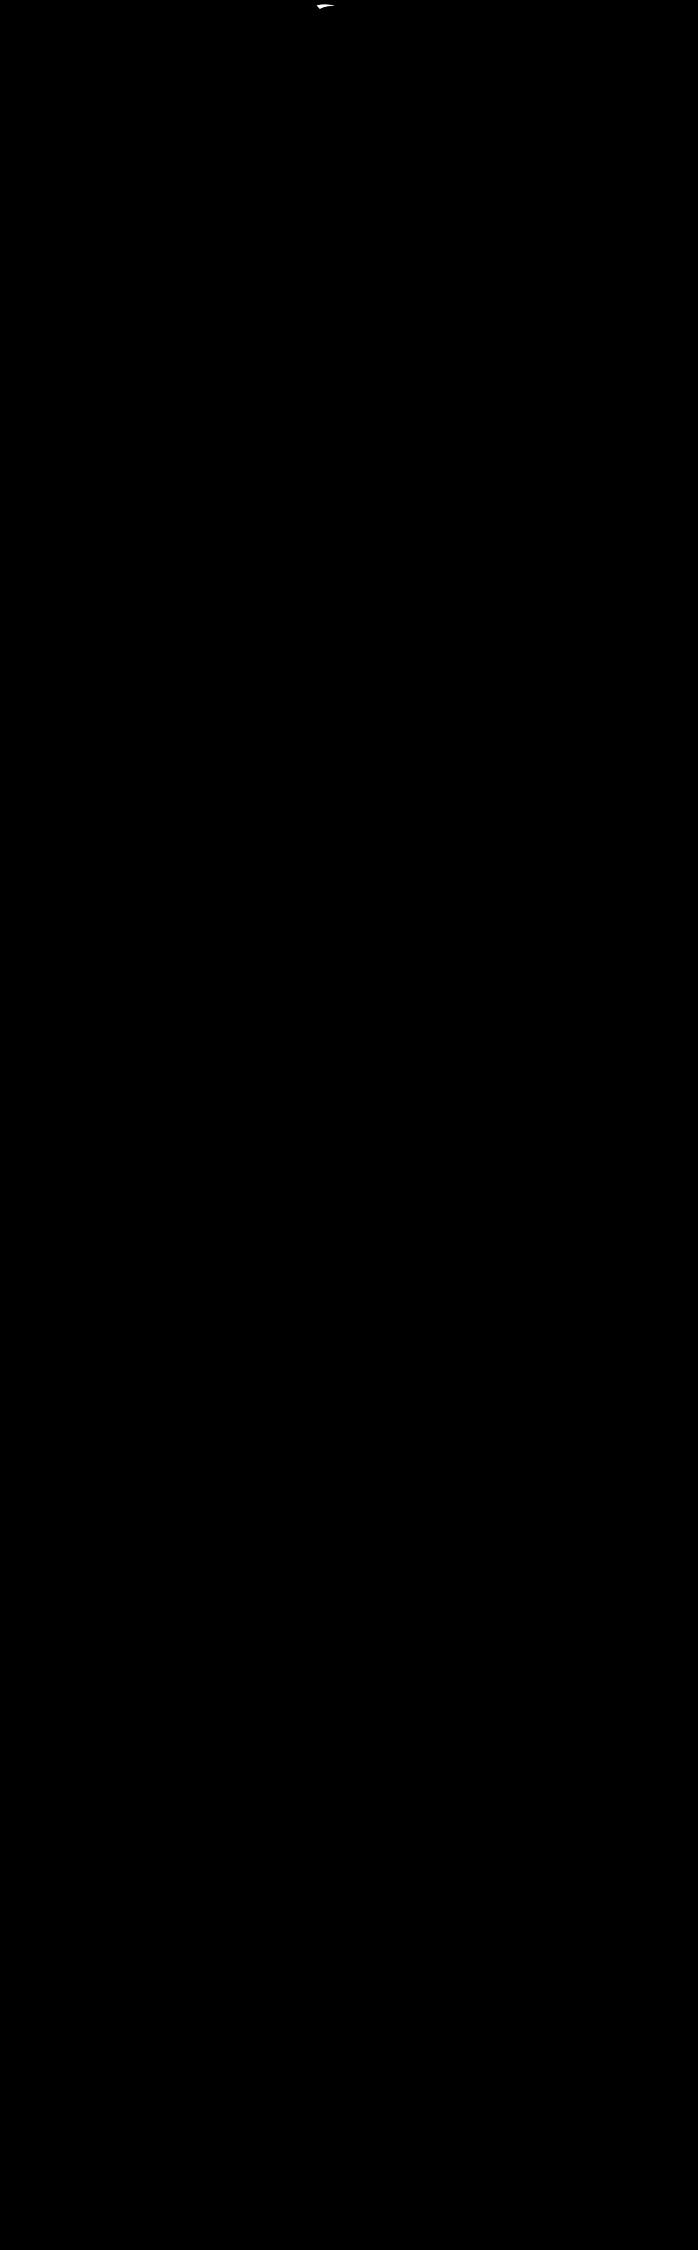 698x2250 Clipart Man Silhouette